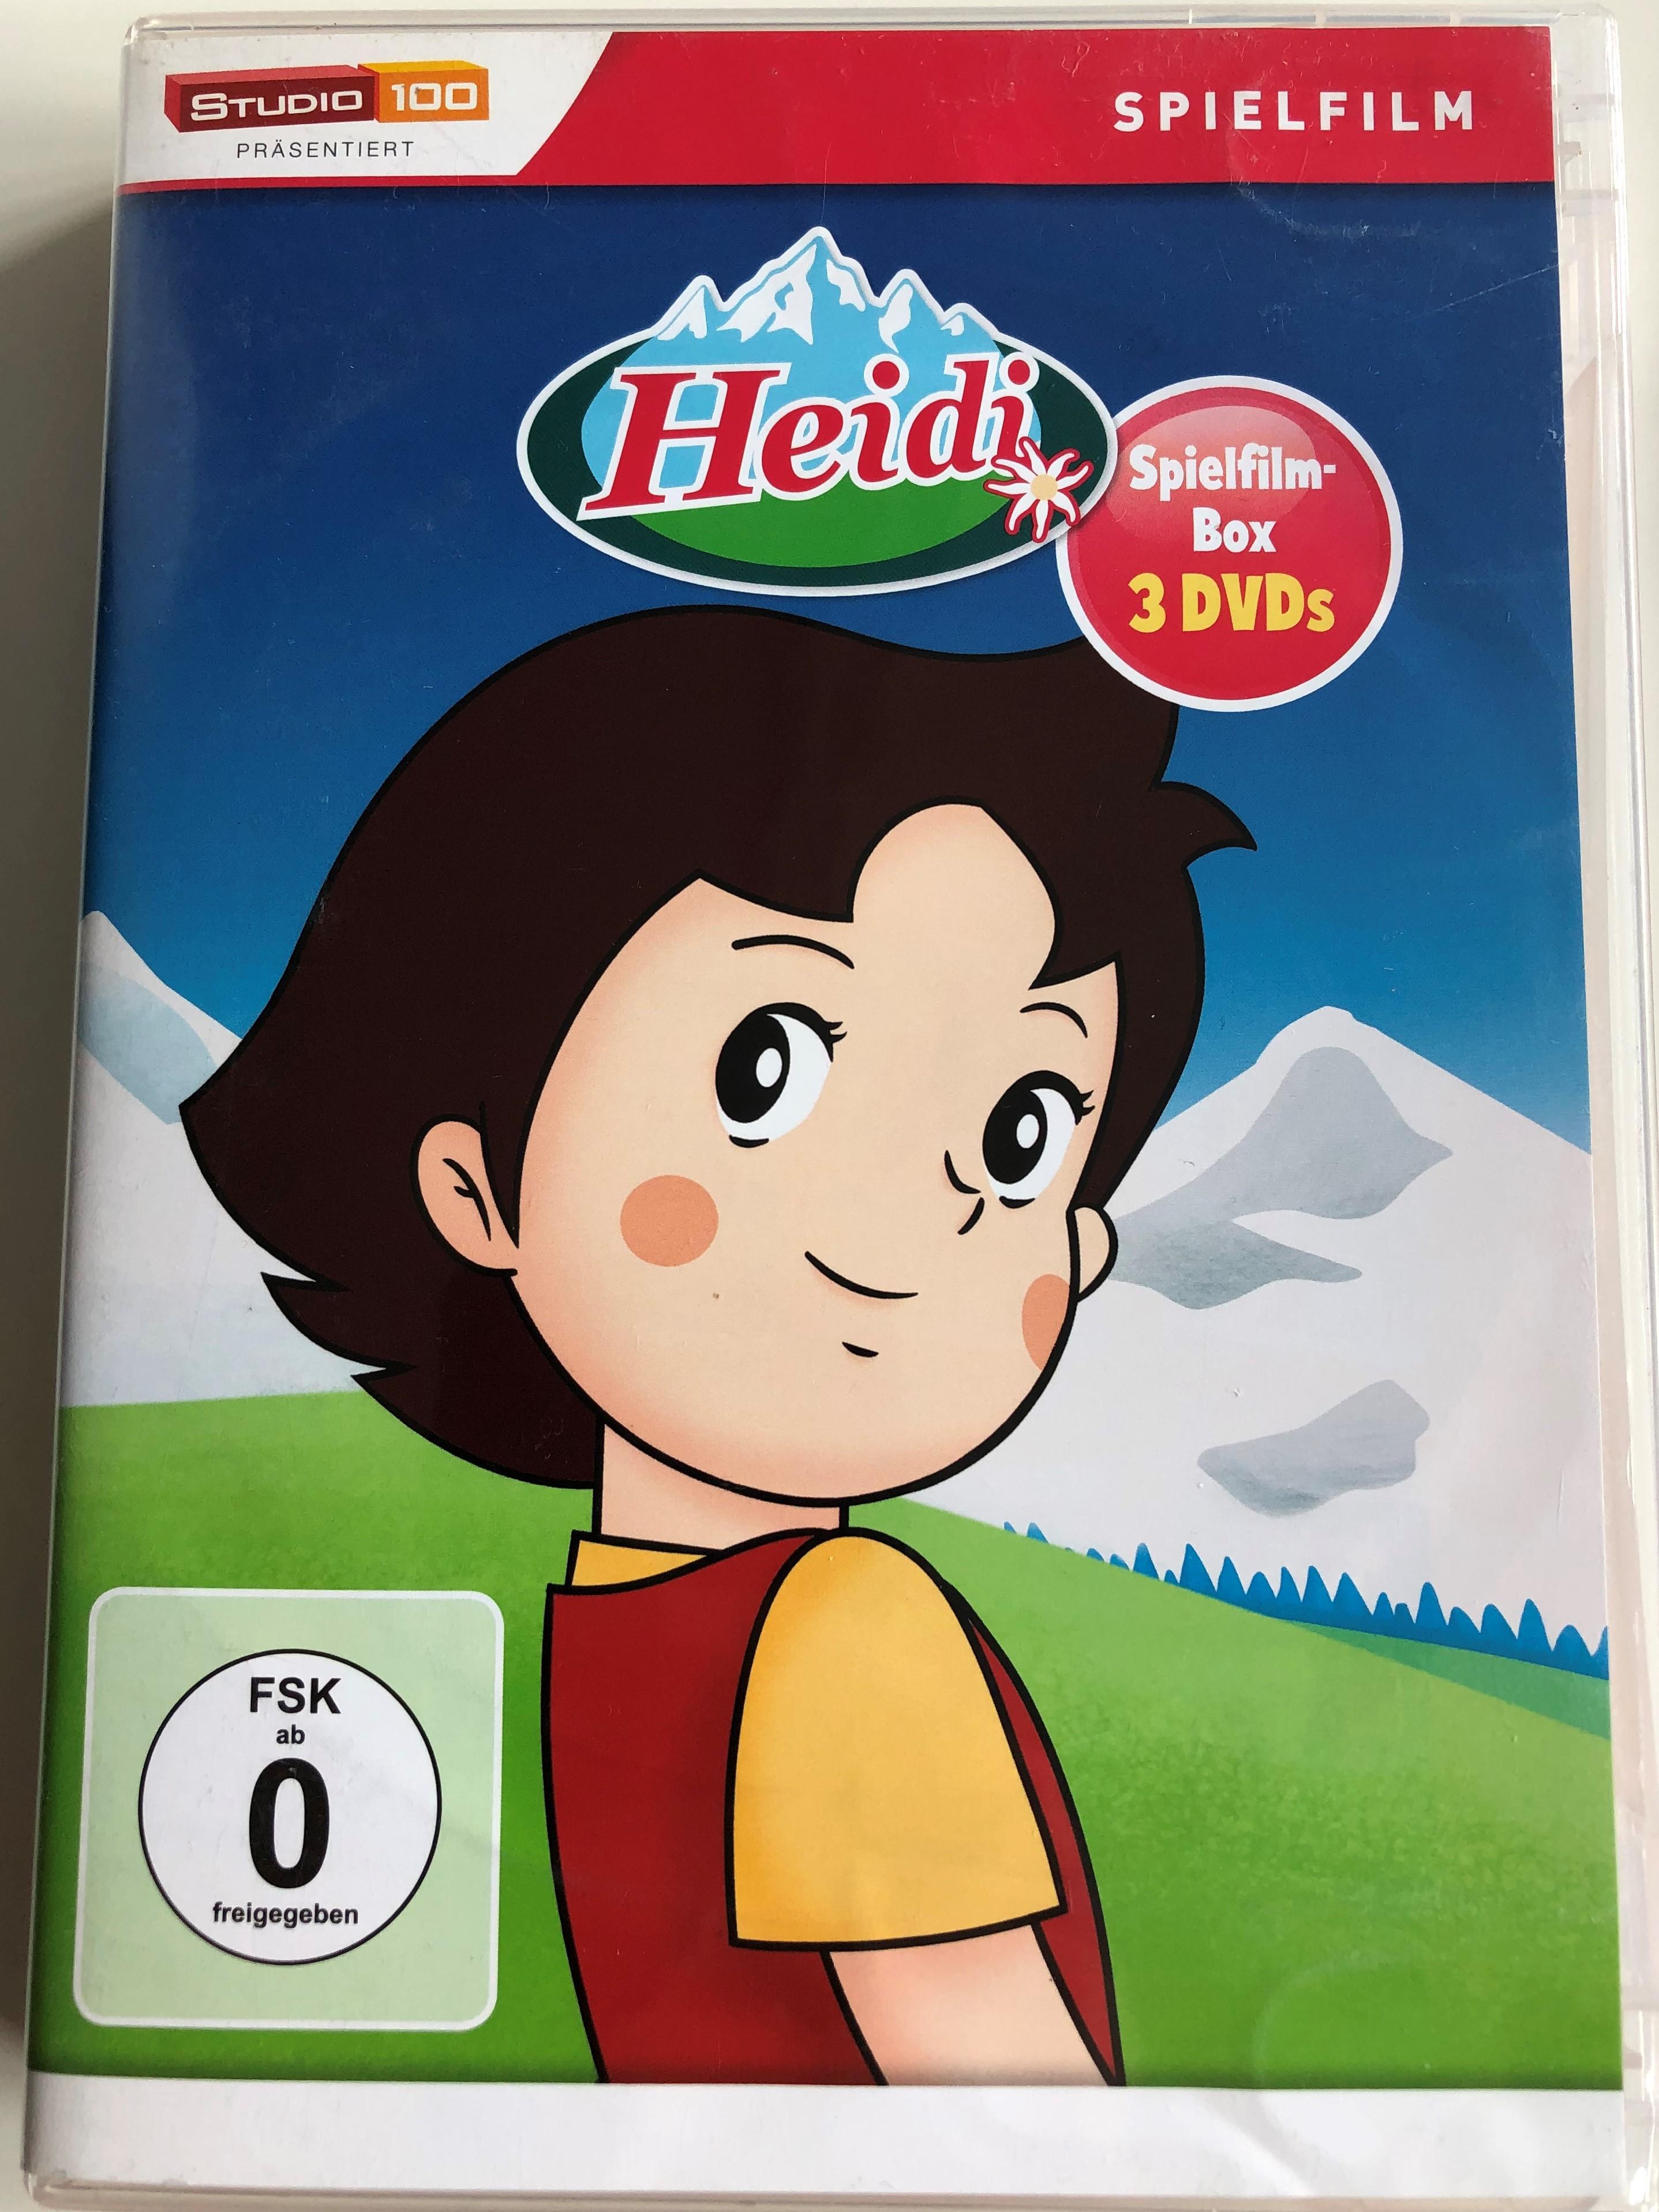 heidi-cartoon-dvd-set-1975-directed-by-isao-takahata-heidi-in-den-bergen-heidi-gecht-nach-frankfurt-heidi-zur-ck-in-den-bergen-kinderfilm-3-dvd-1-.jpg